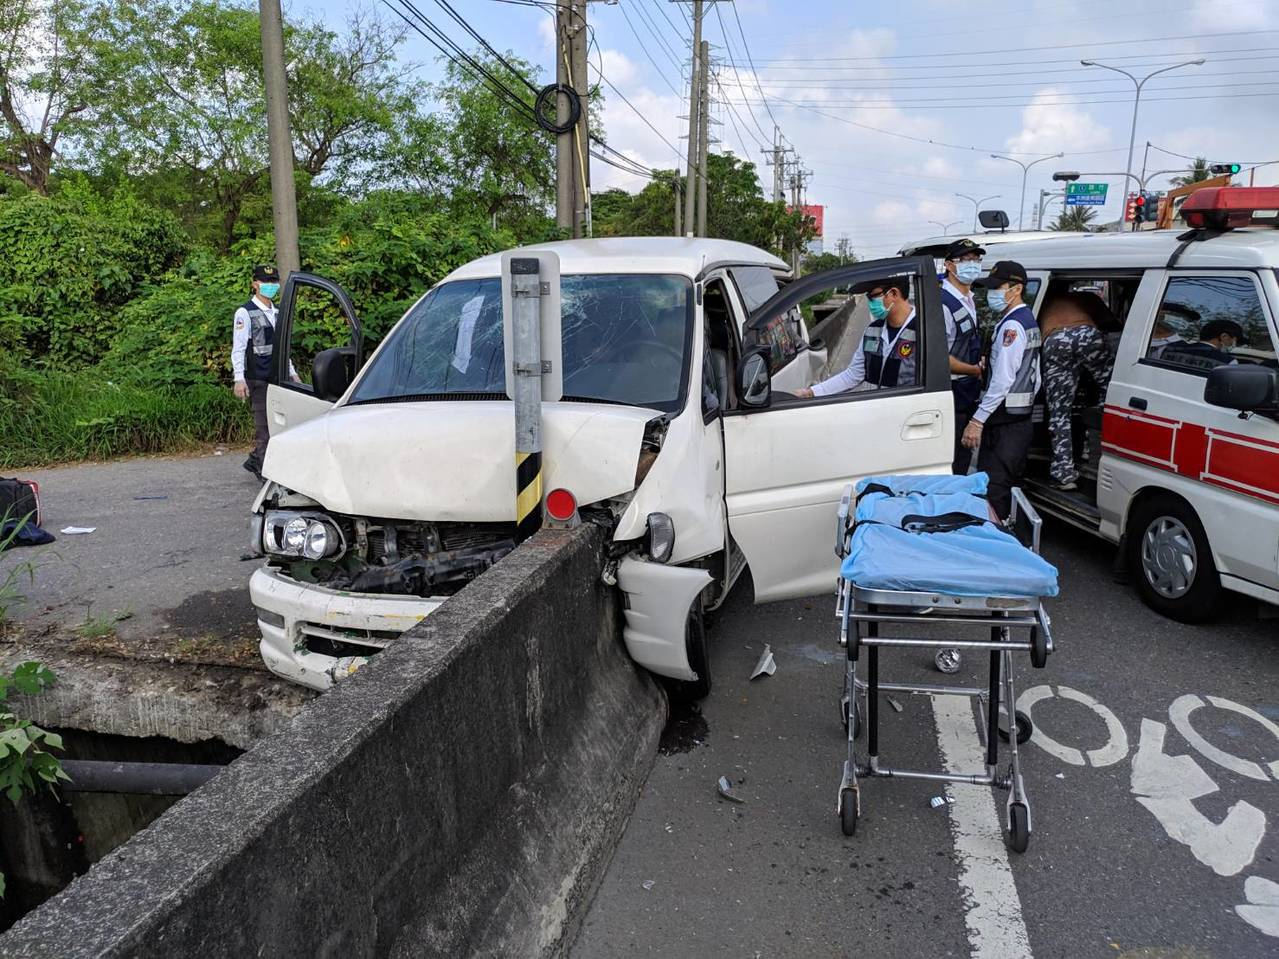 廂型車失控撞上路邊護欄,車上5人受傷。記者林保光/翻攝